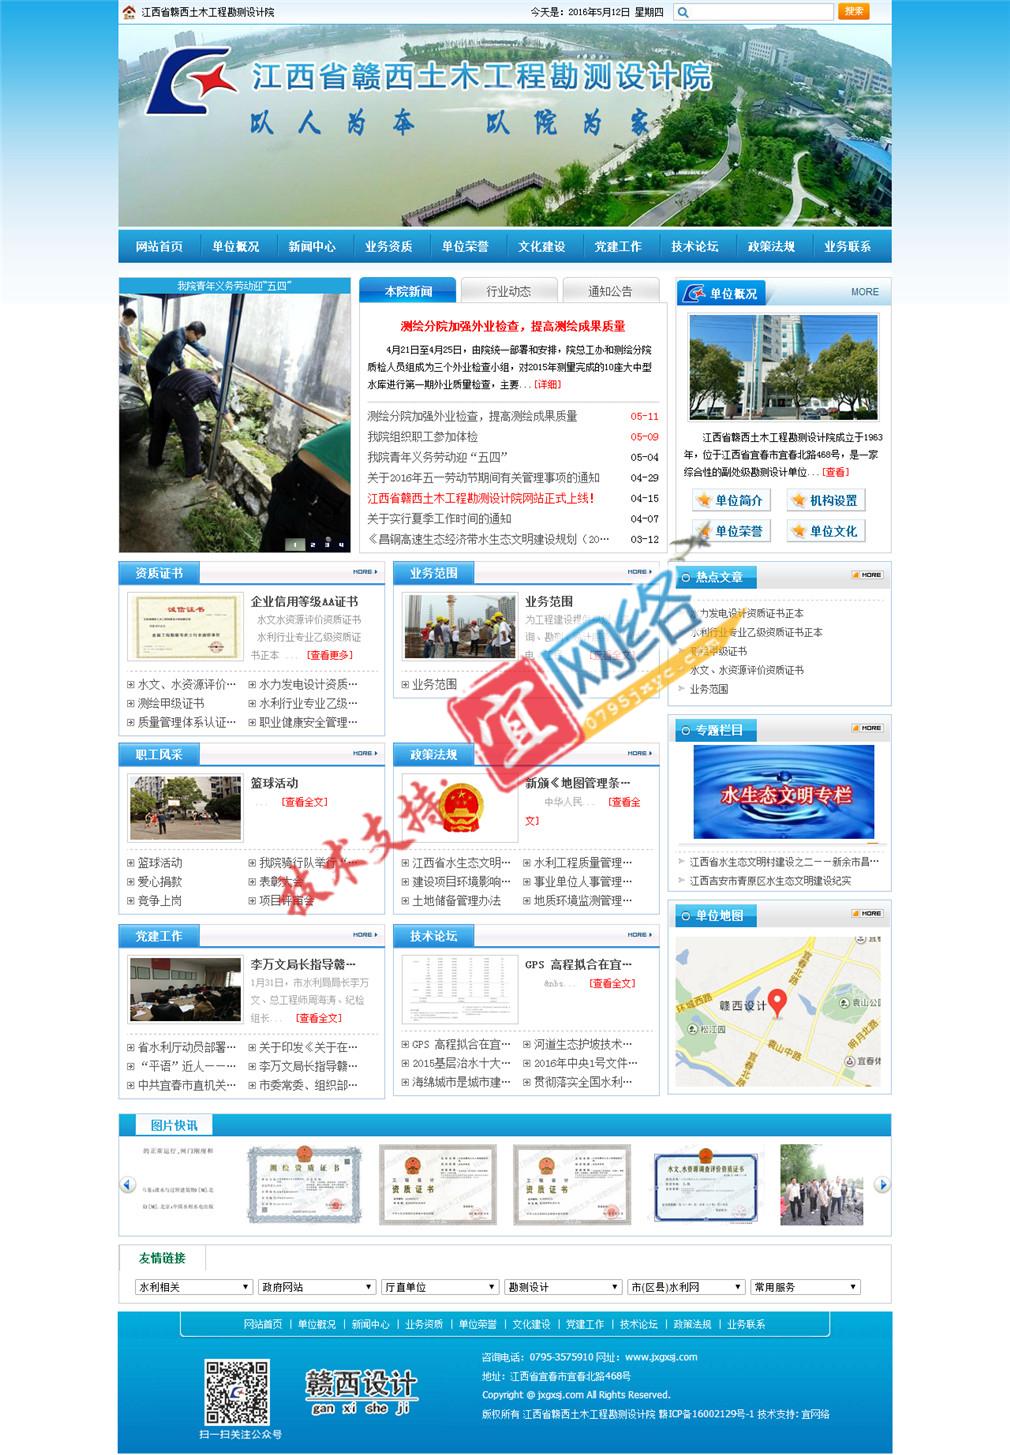 江西省赣西土木工程勘测设计院m6米乐官网首页